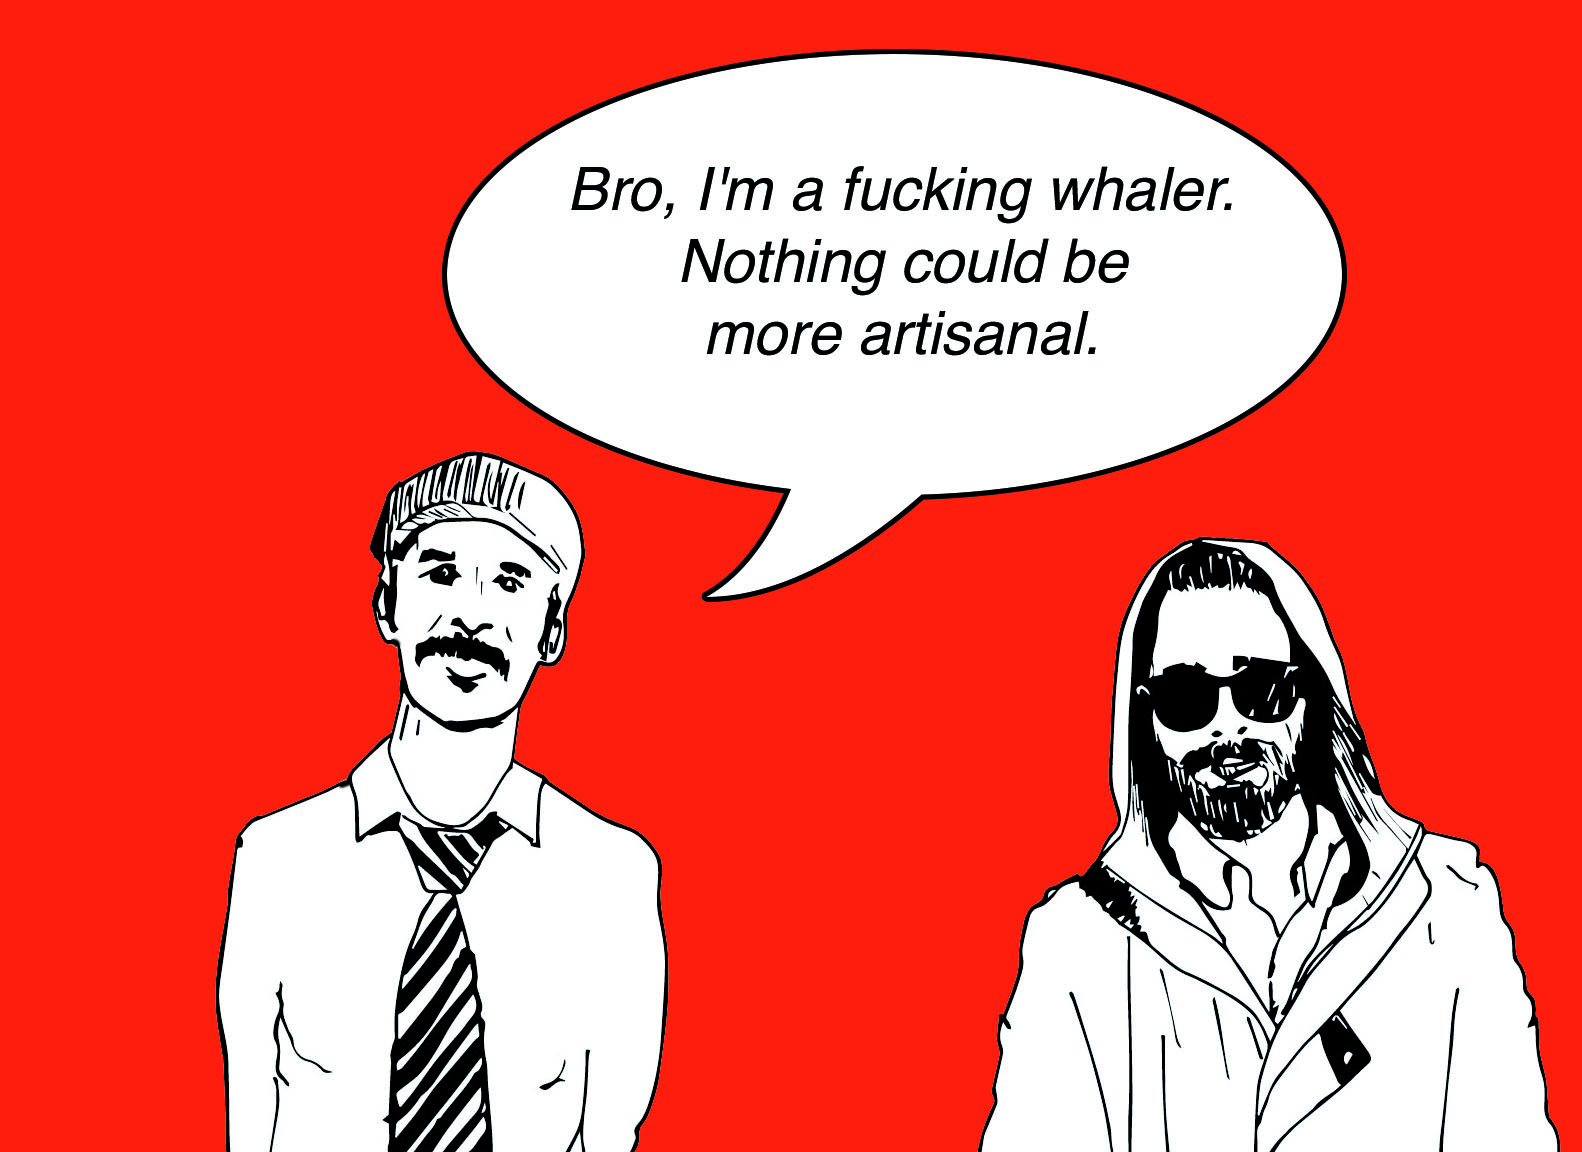 Whaler_10.jpg